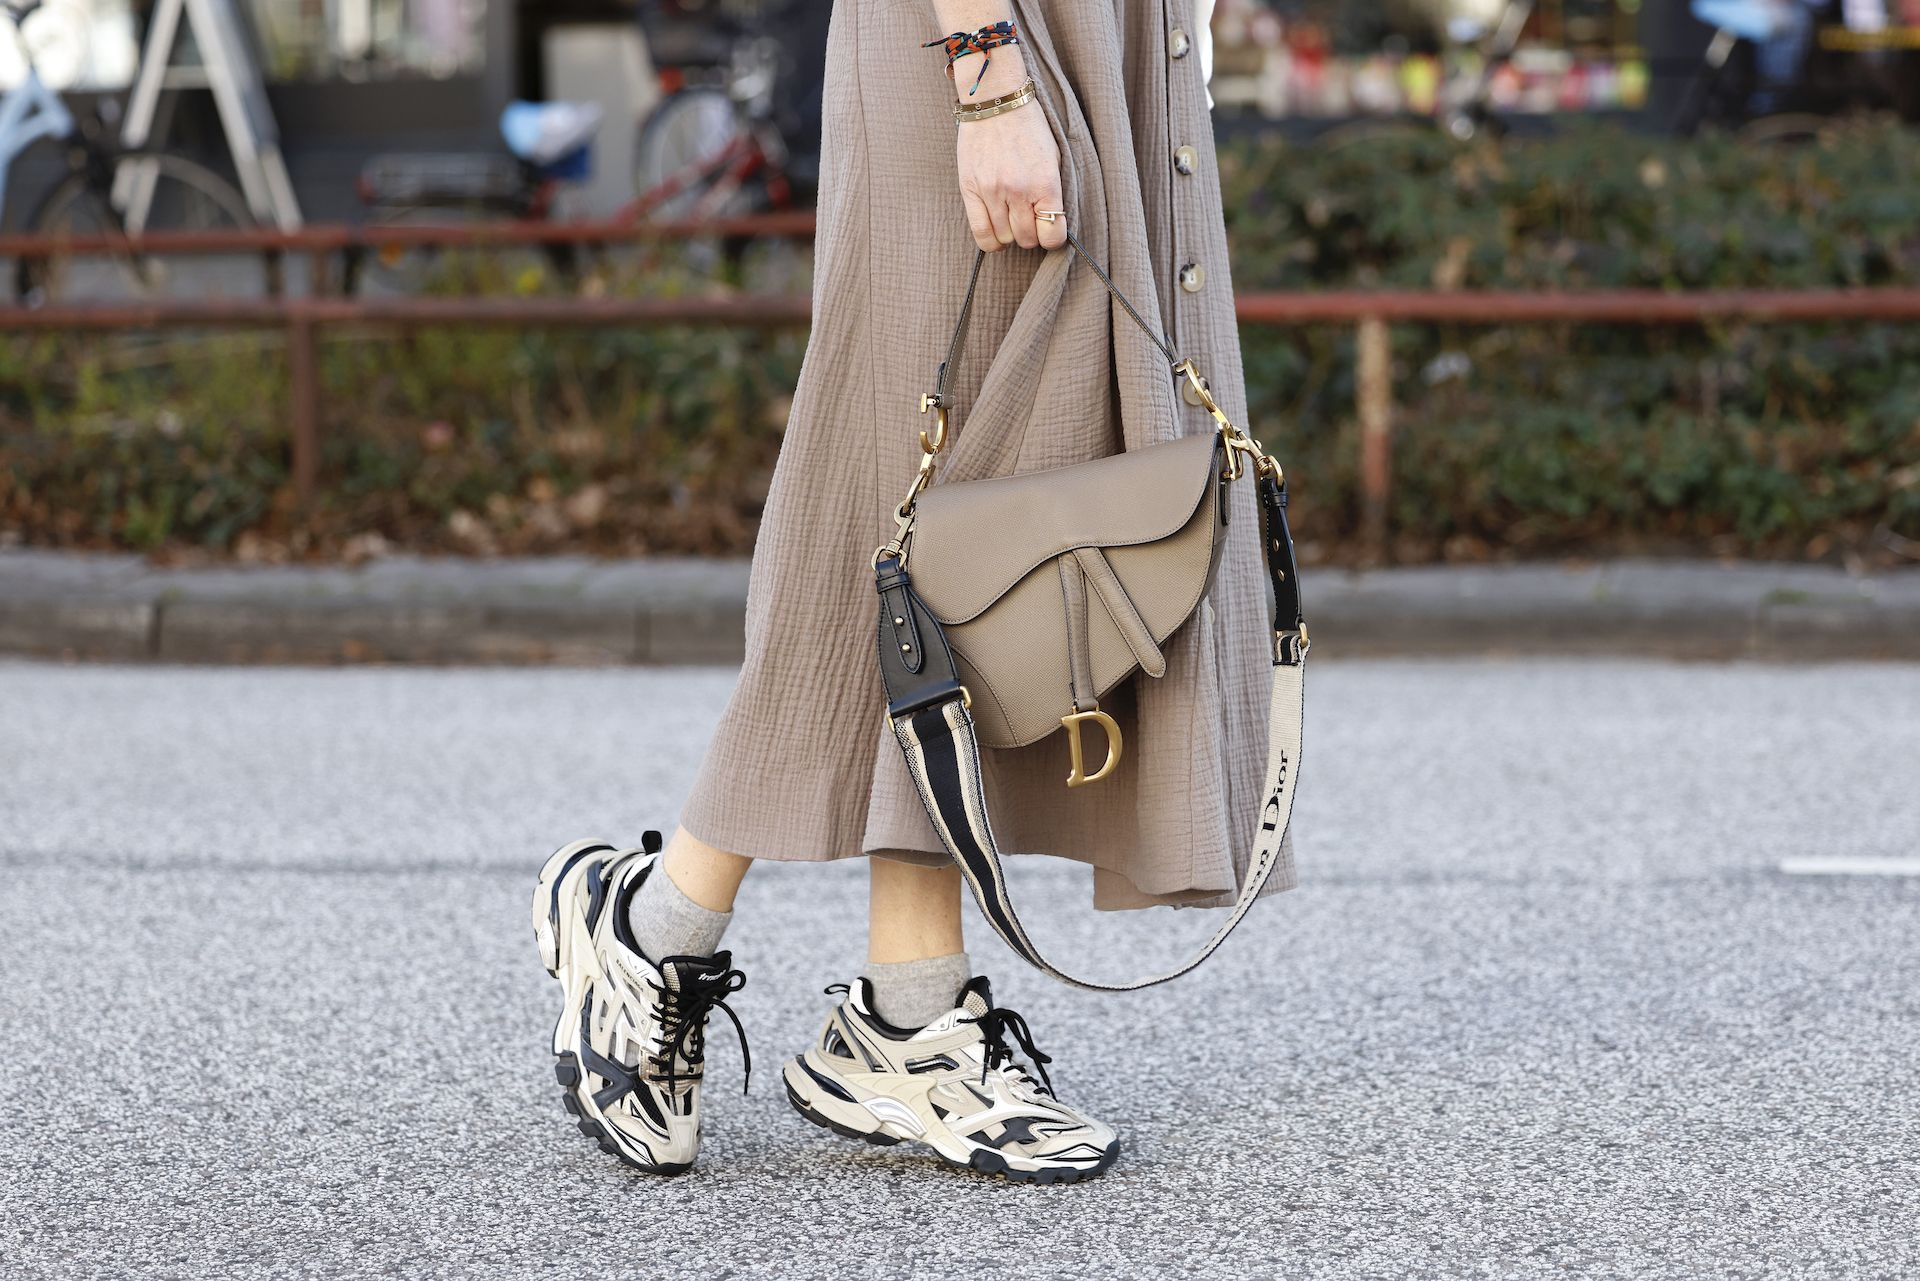 Así es el bolso de Balenciaga inspirado en unas 'sneakers'